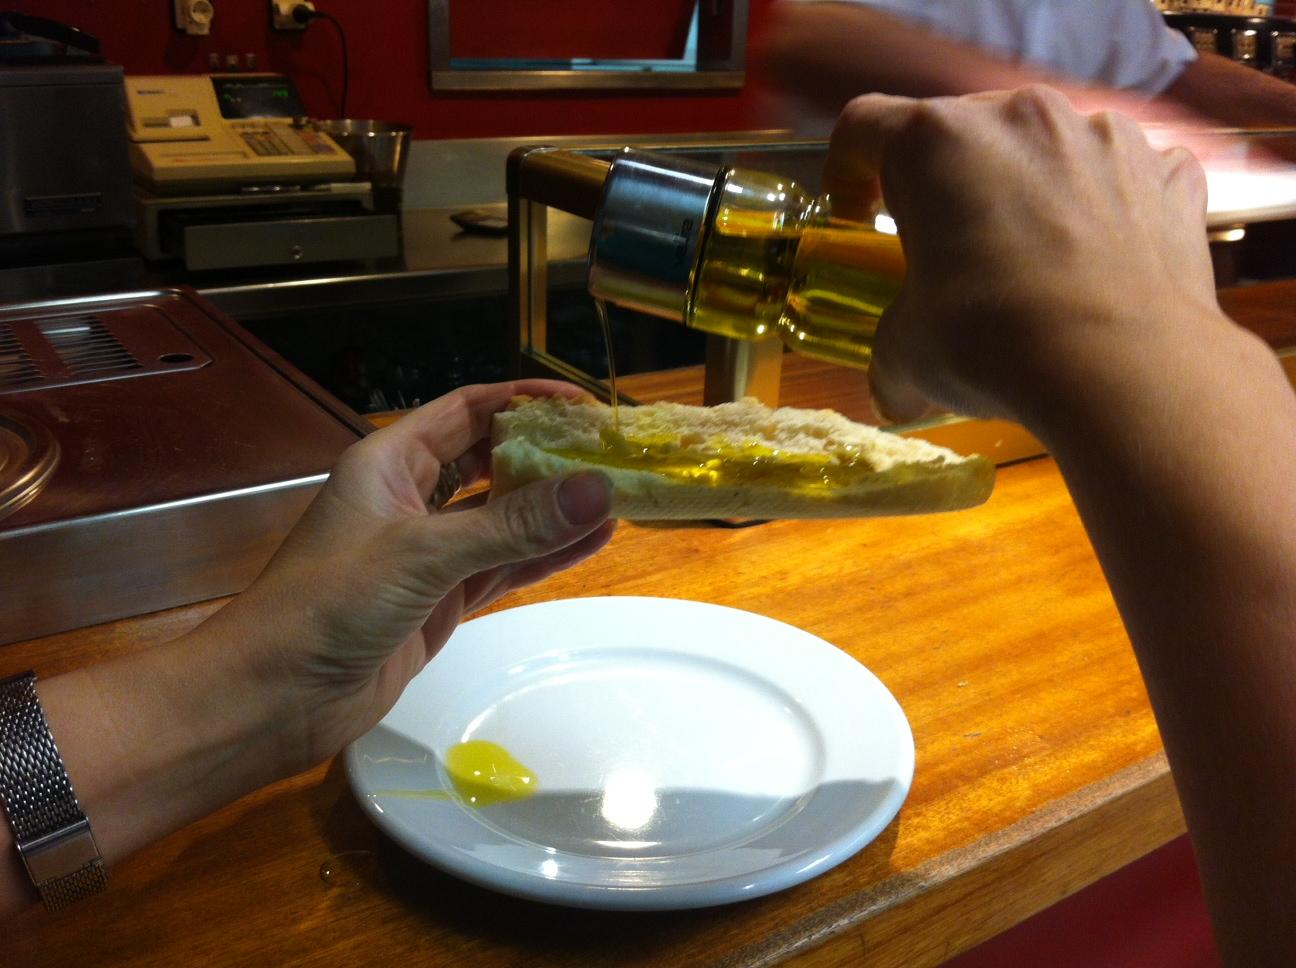 Decreto 895/2013 de 15 de Nov. en restaurantes…